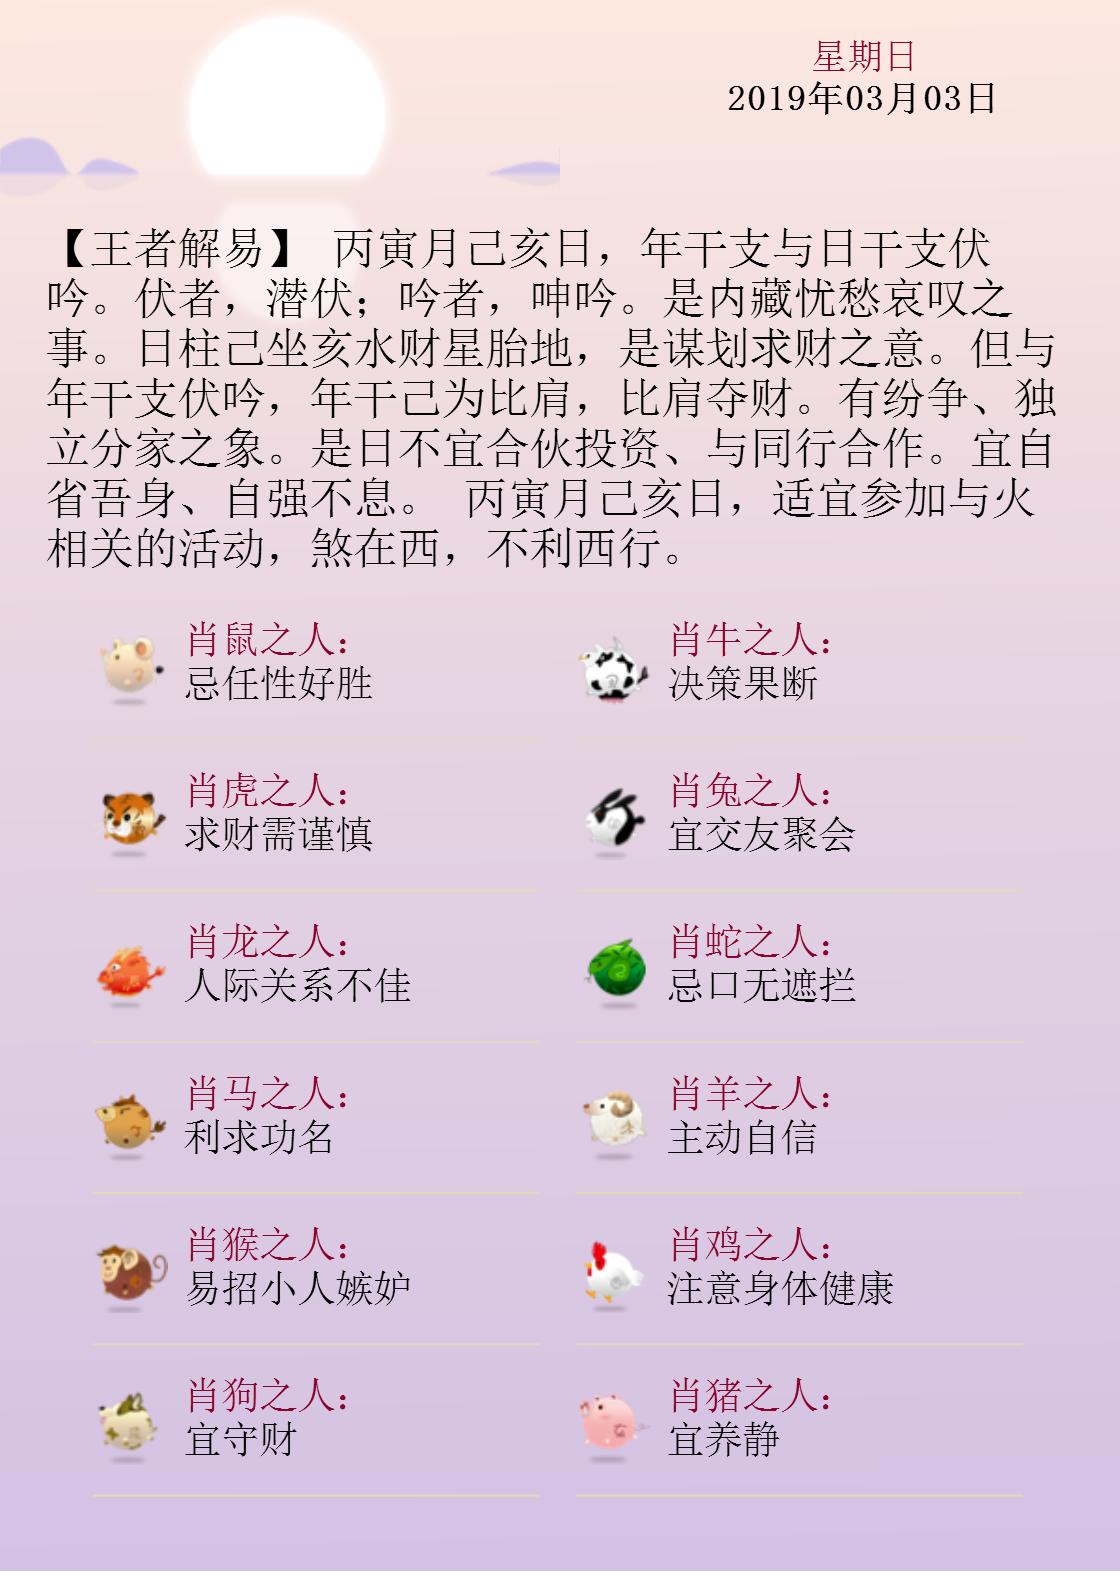 黄历海报20190303.png